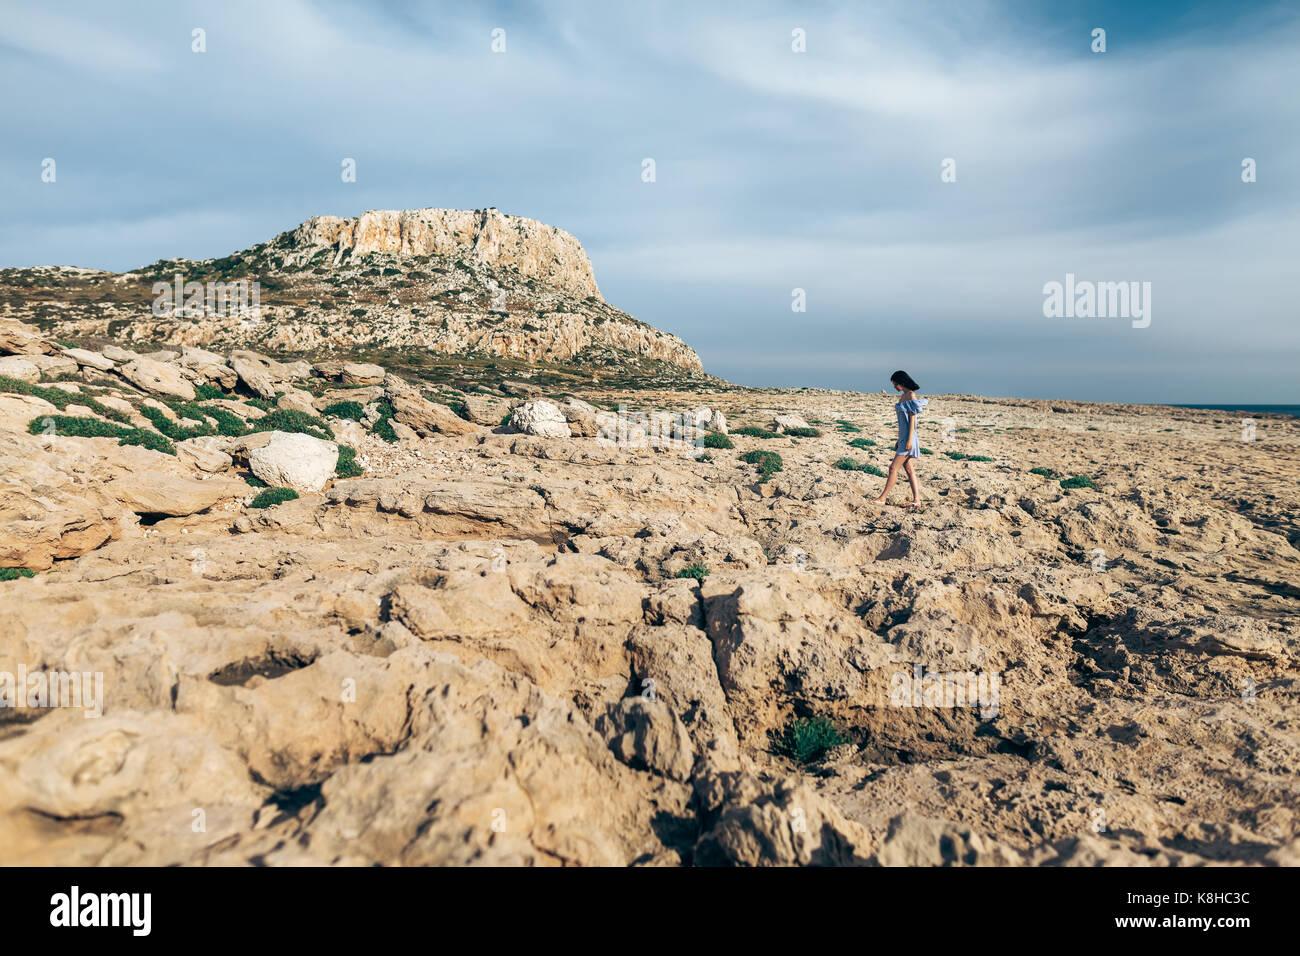 Schöne Frau allein zu Fuß auf steinige Wüste mit dramatischen Himmel Stockbild